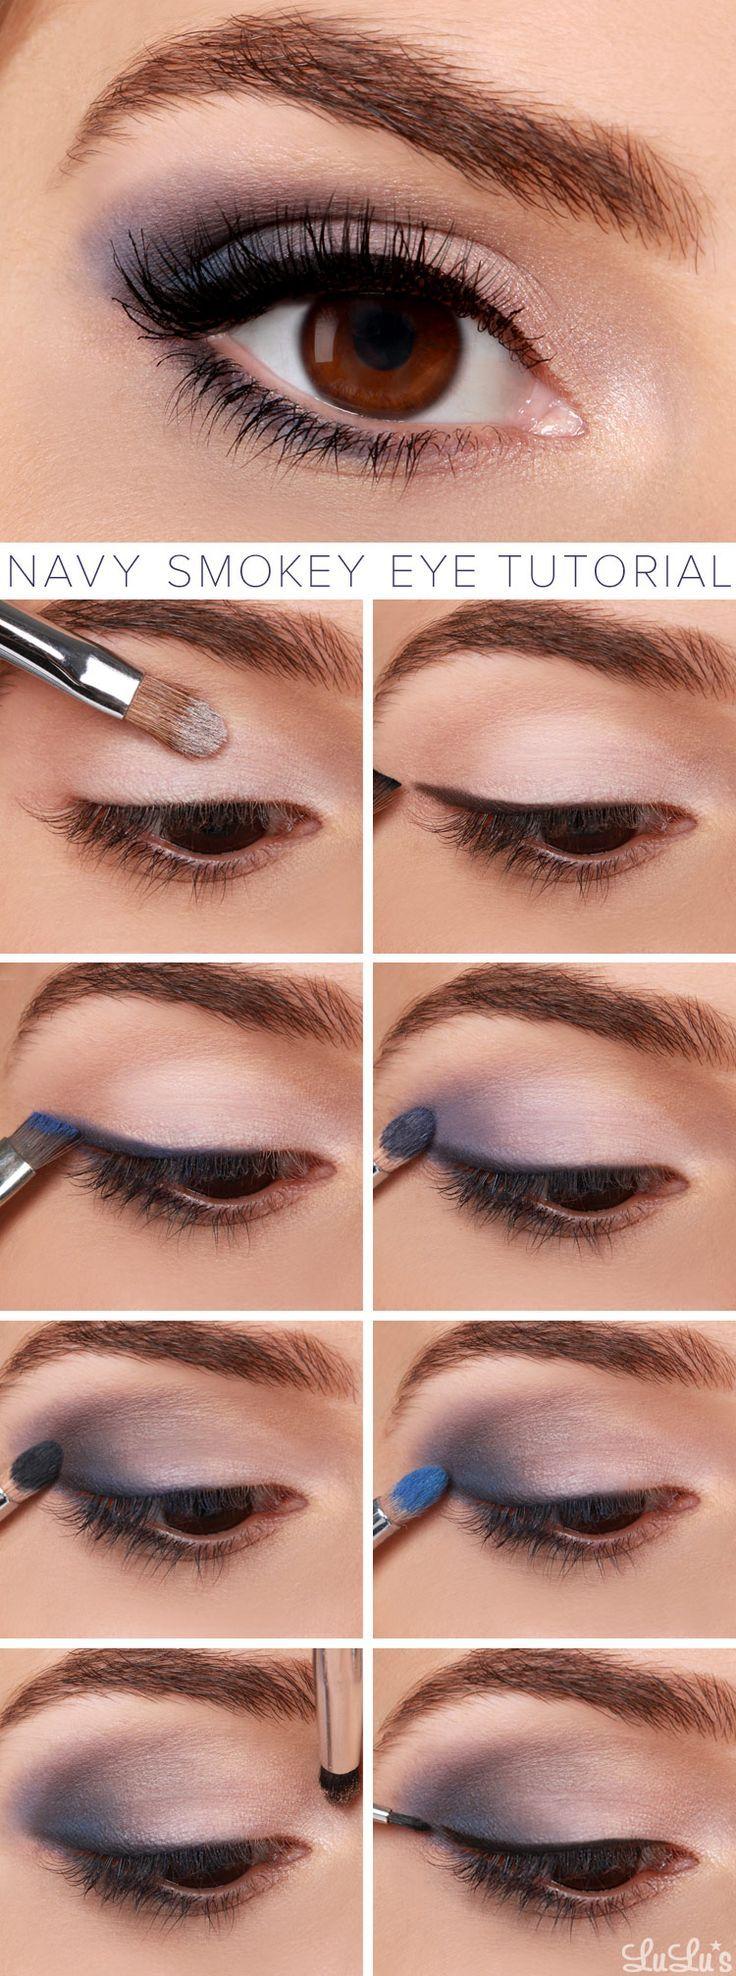 Make-up under a blue dress: basic details